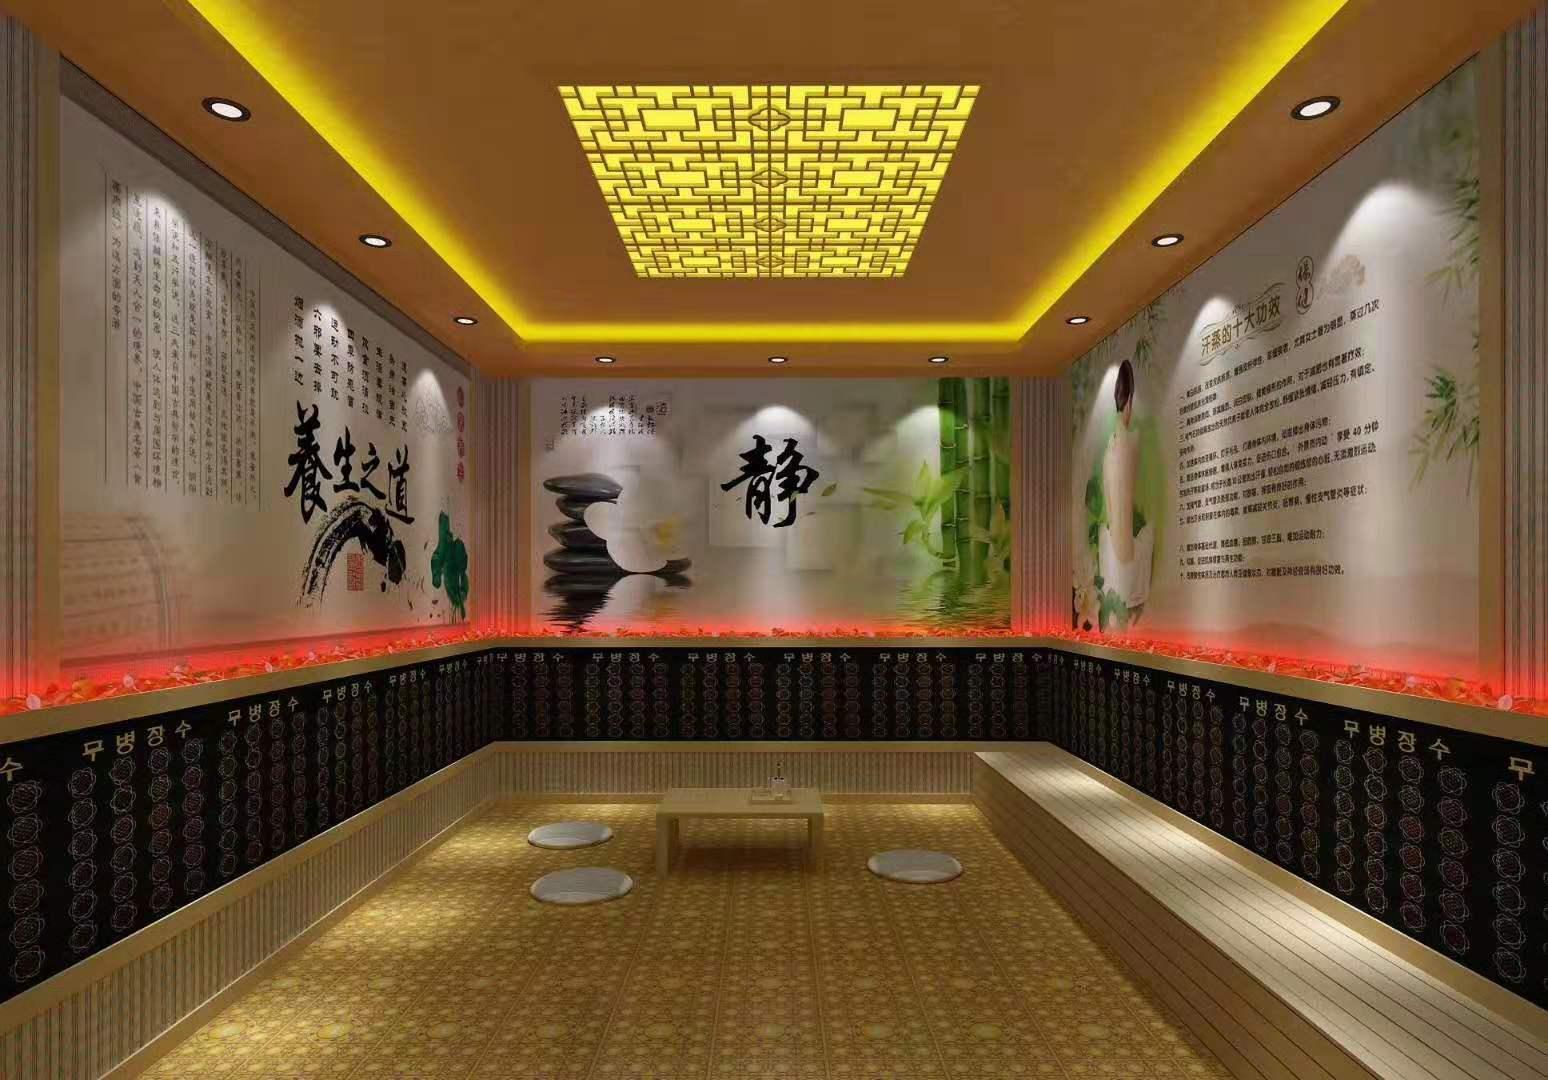 锦州新型汗蒸房安装公司根据您的面积量身